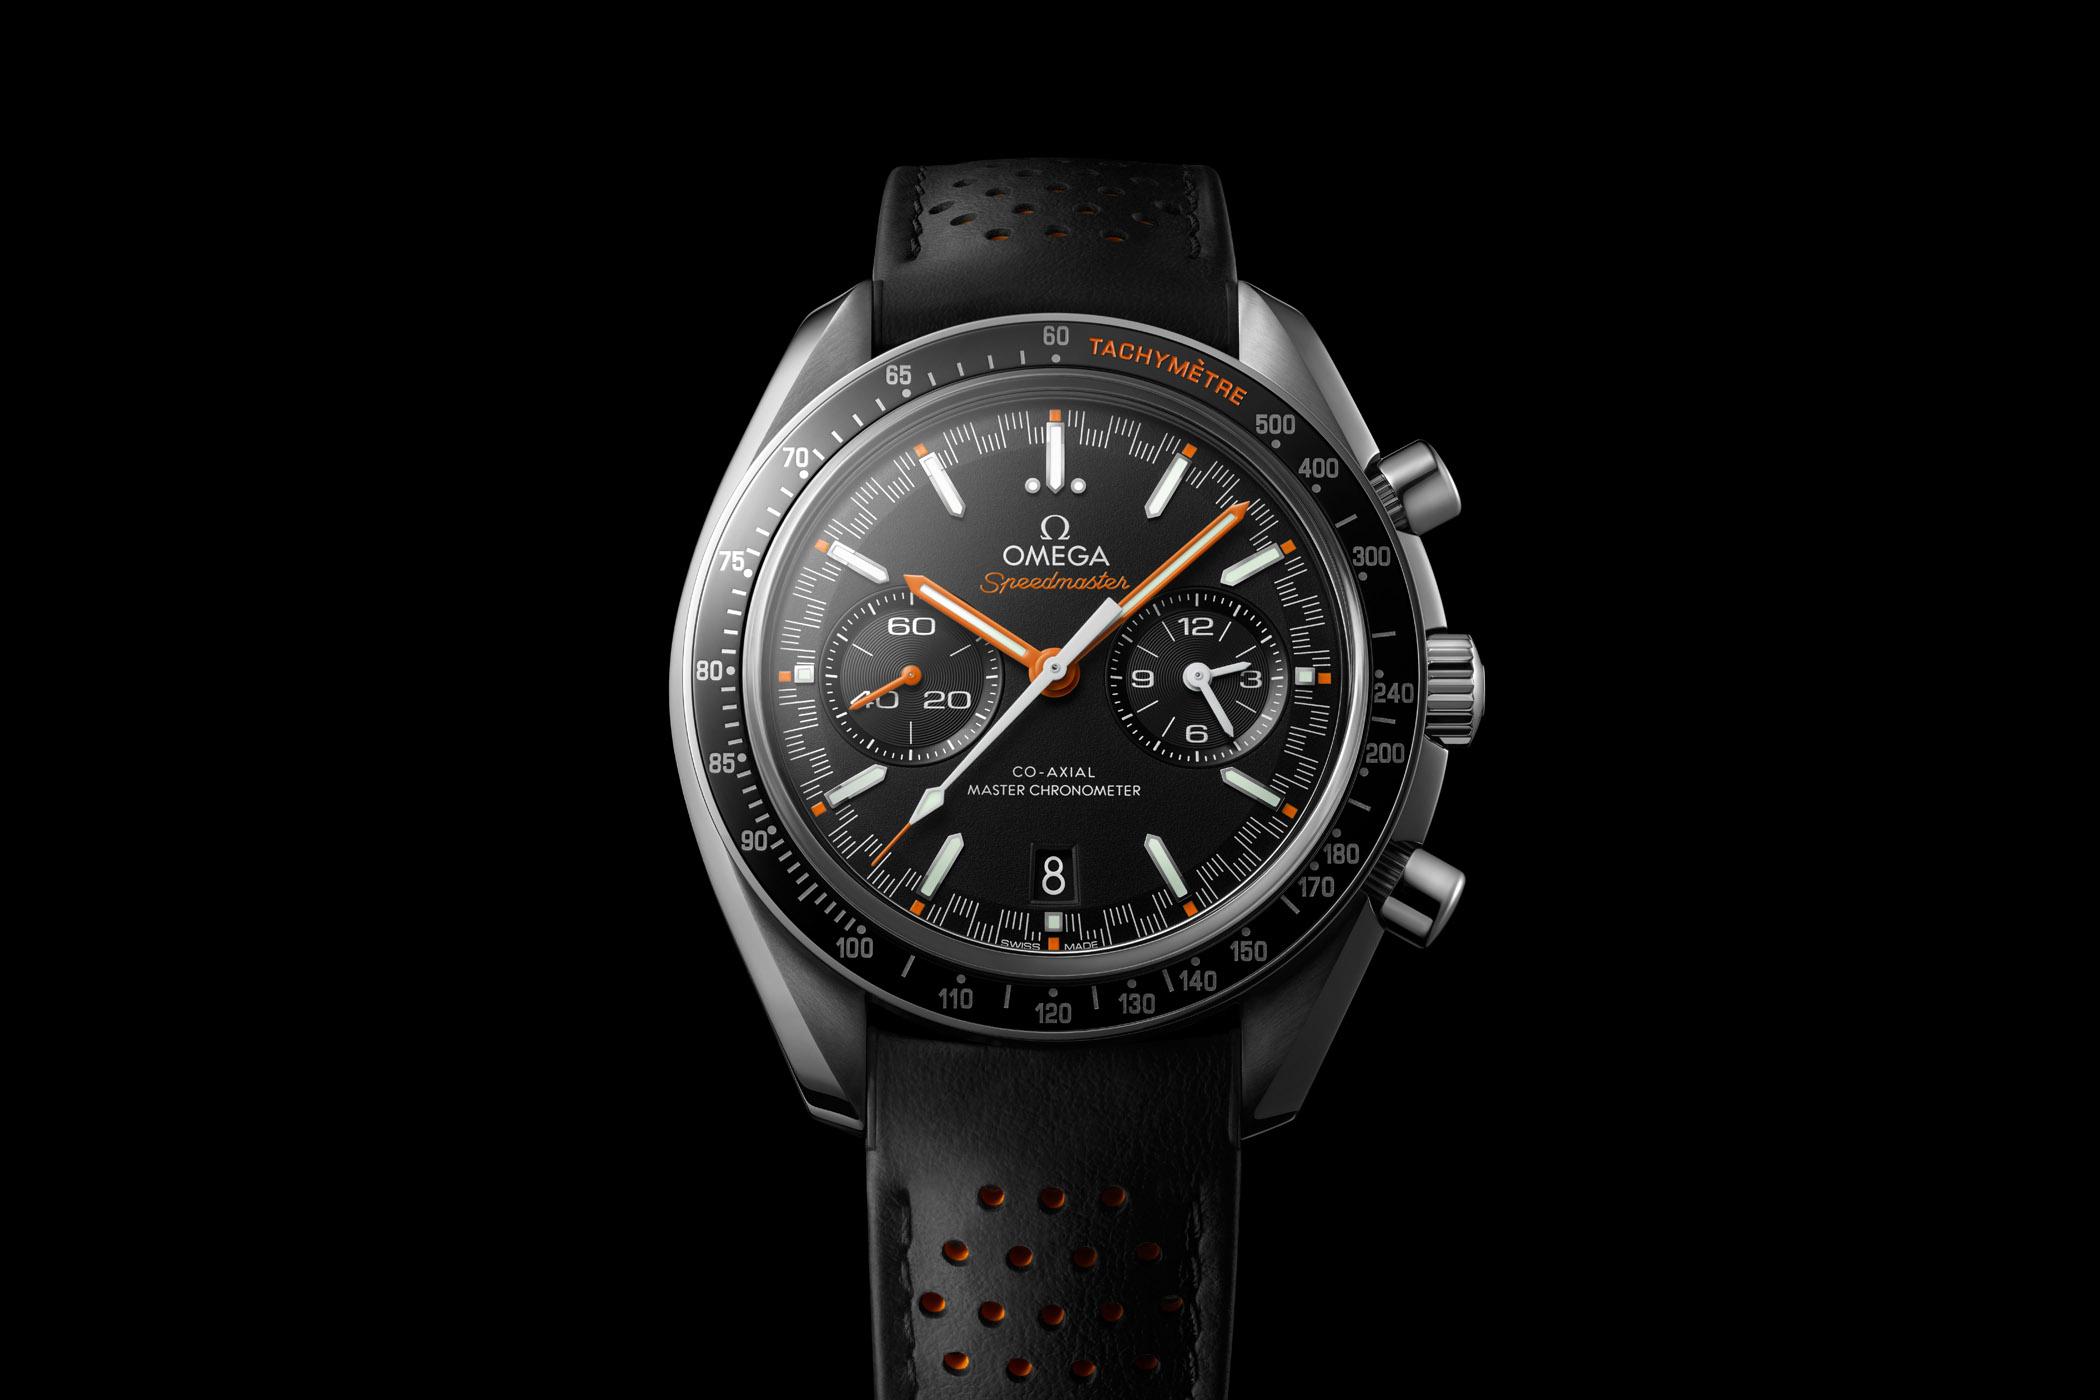 Omega Speedmaster Racing Master Chronometer - Baselworld 2017